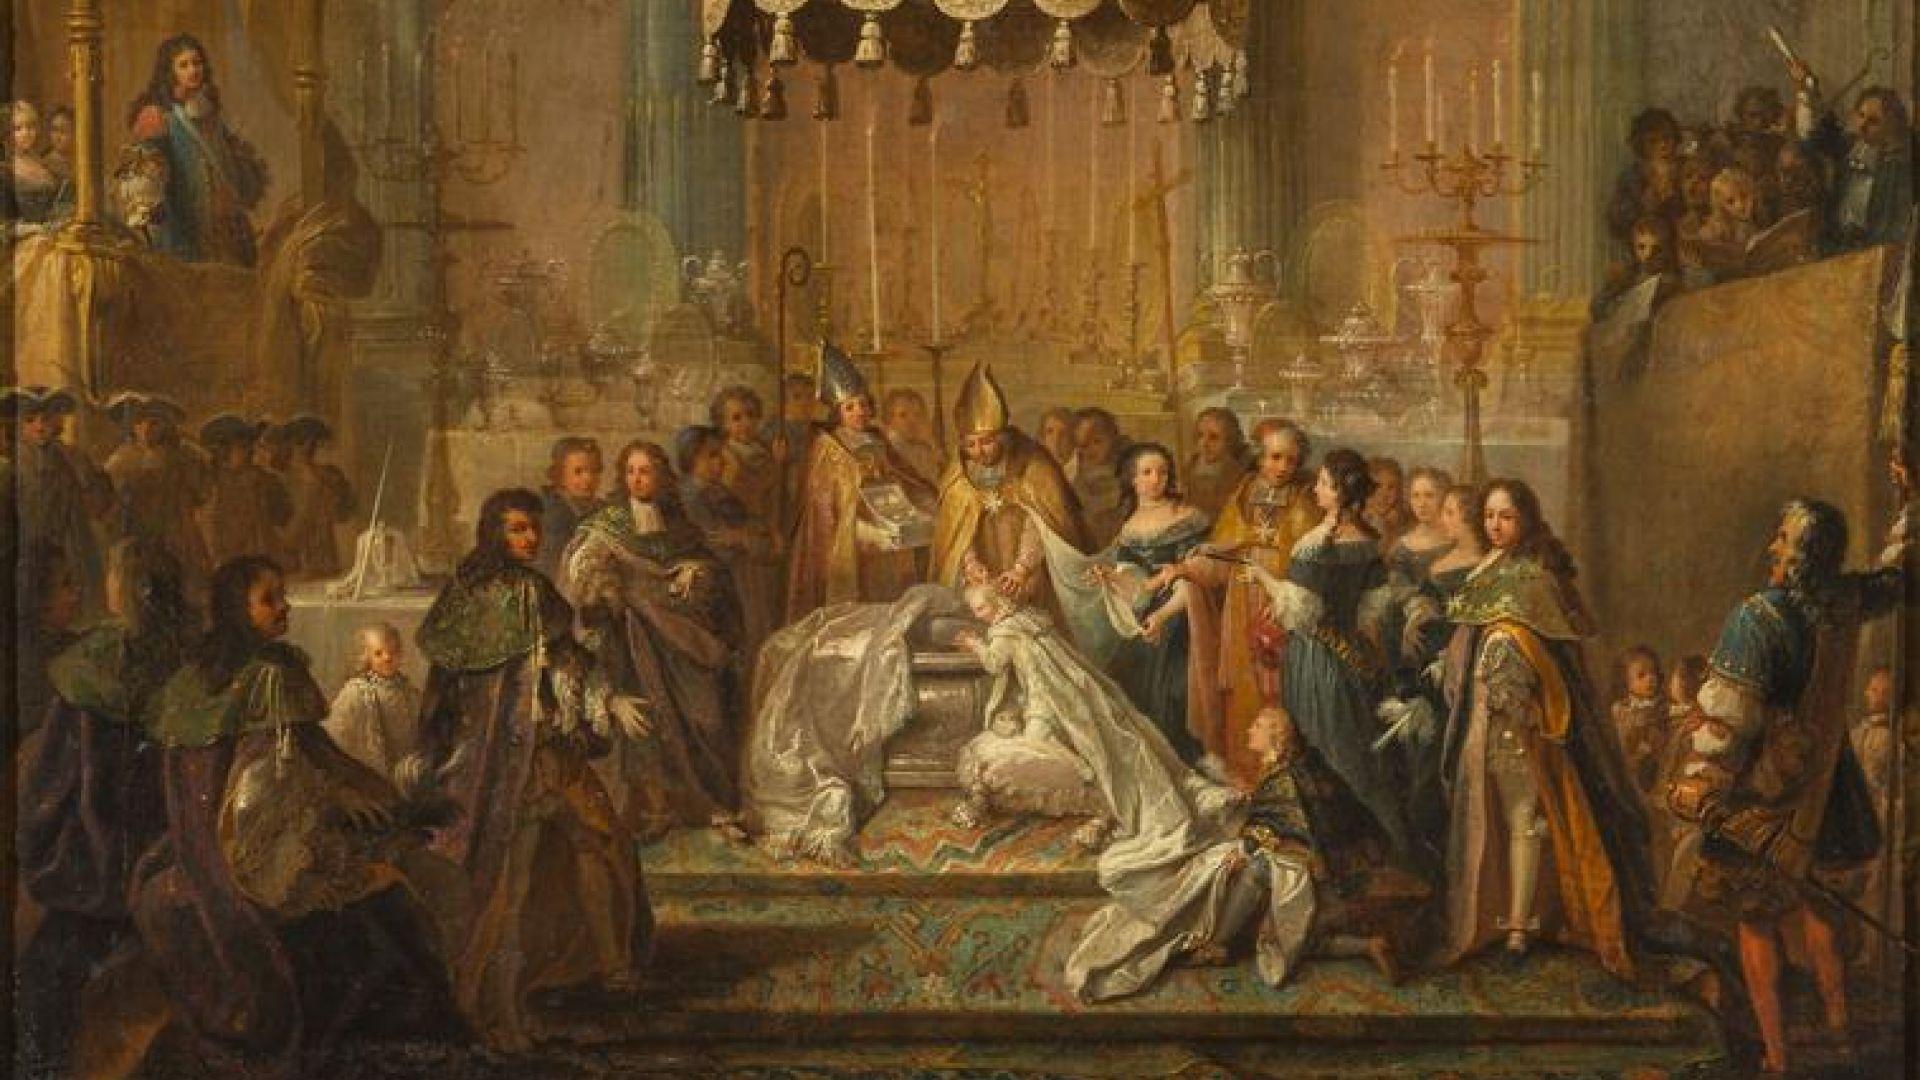 La musique dans les cérémonies royales et dynastiques